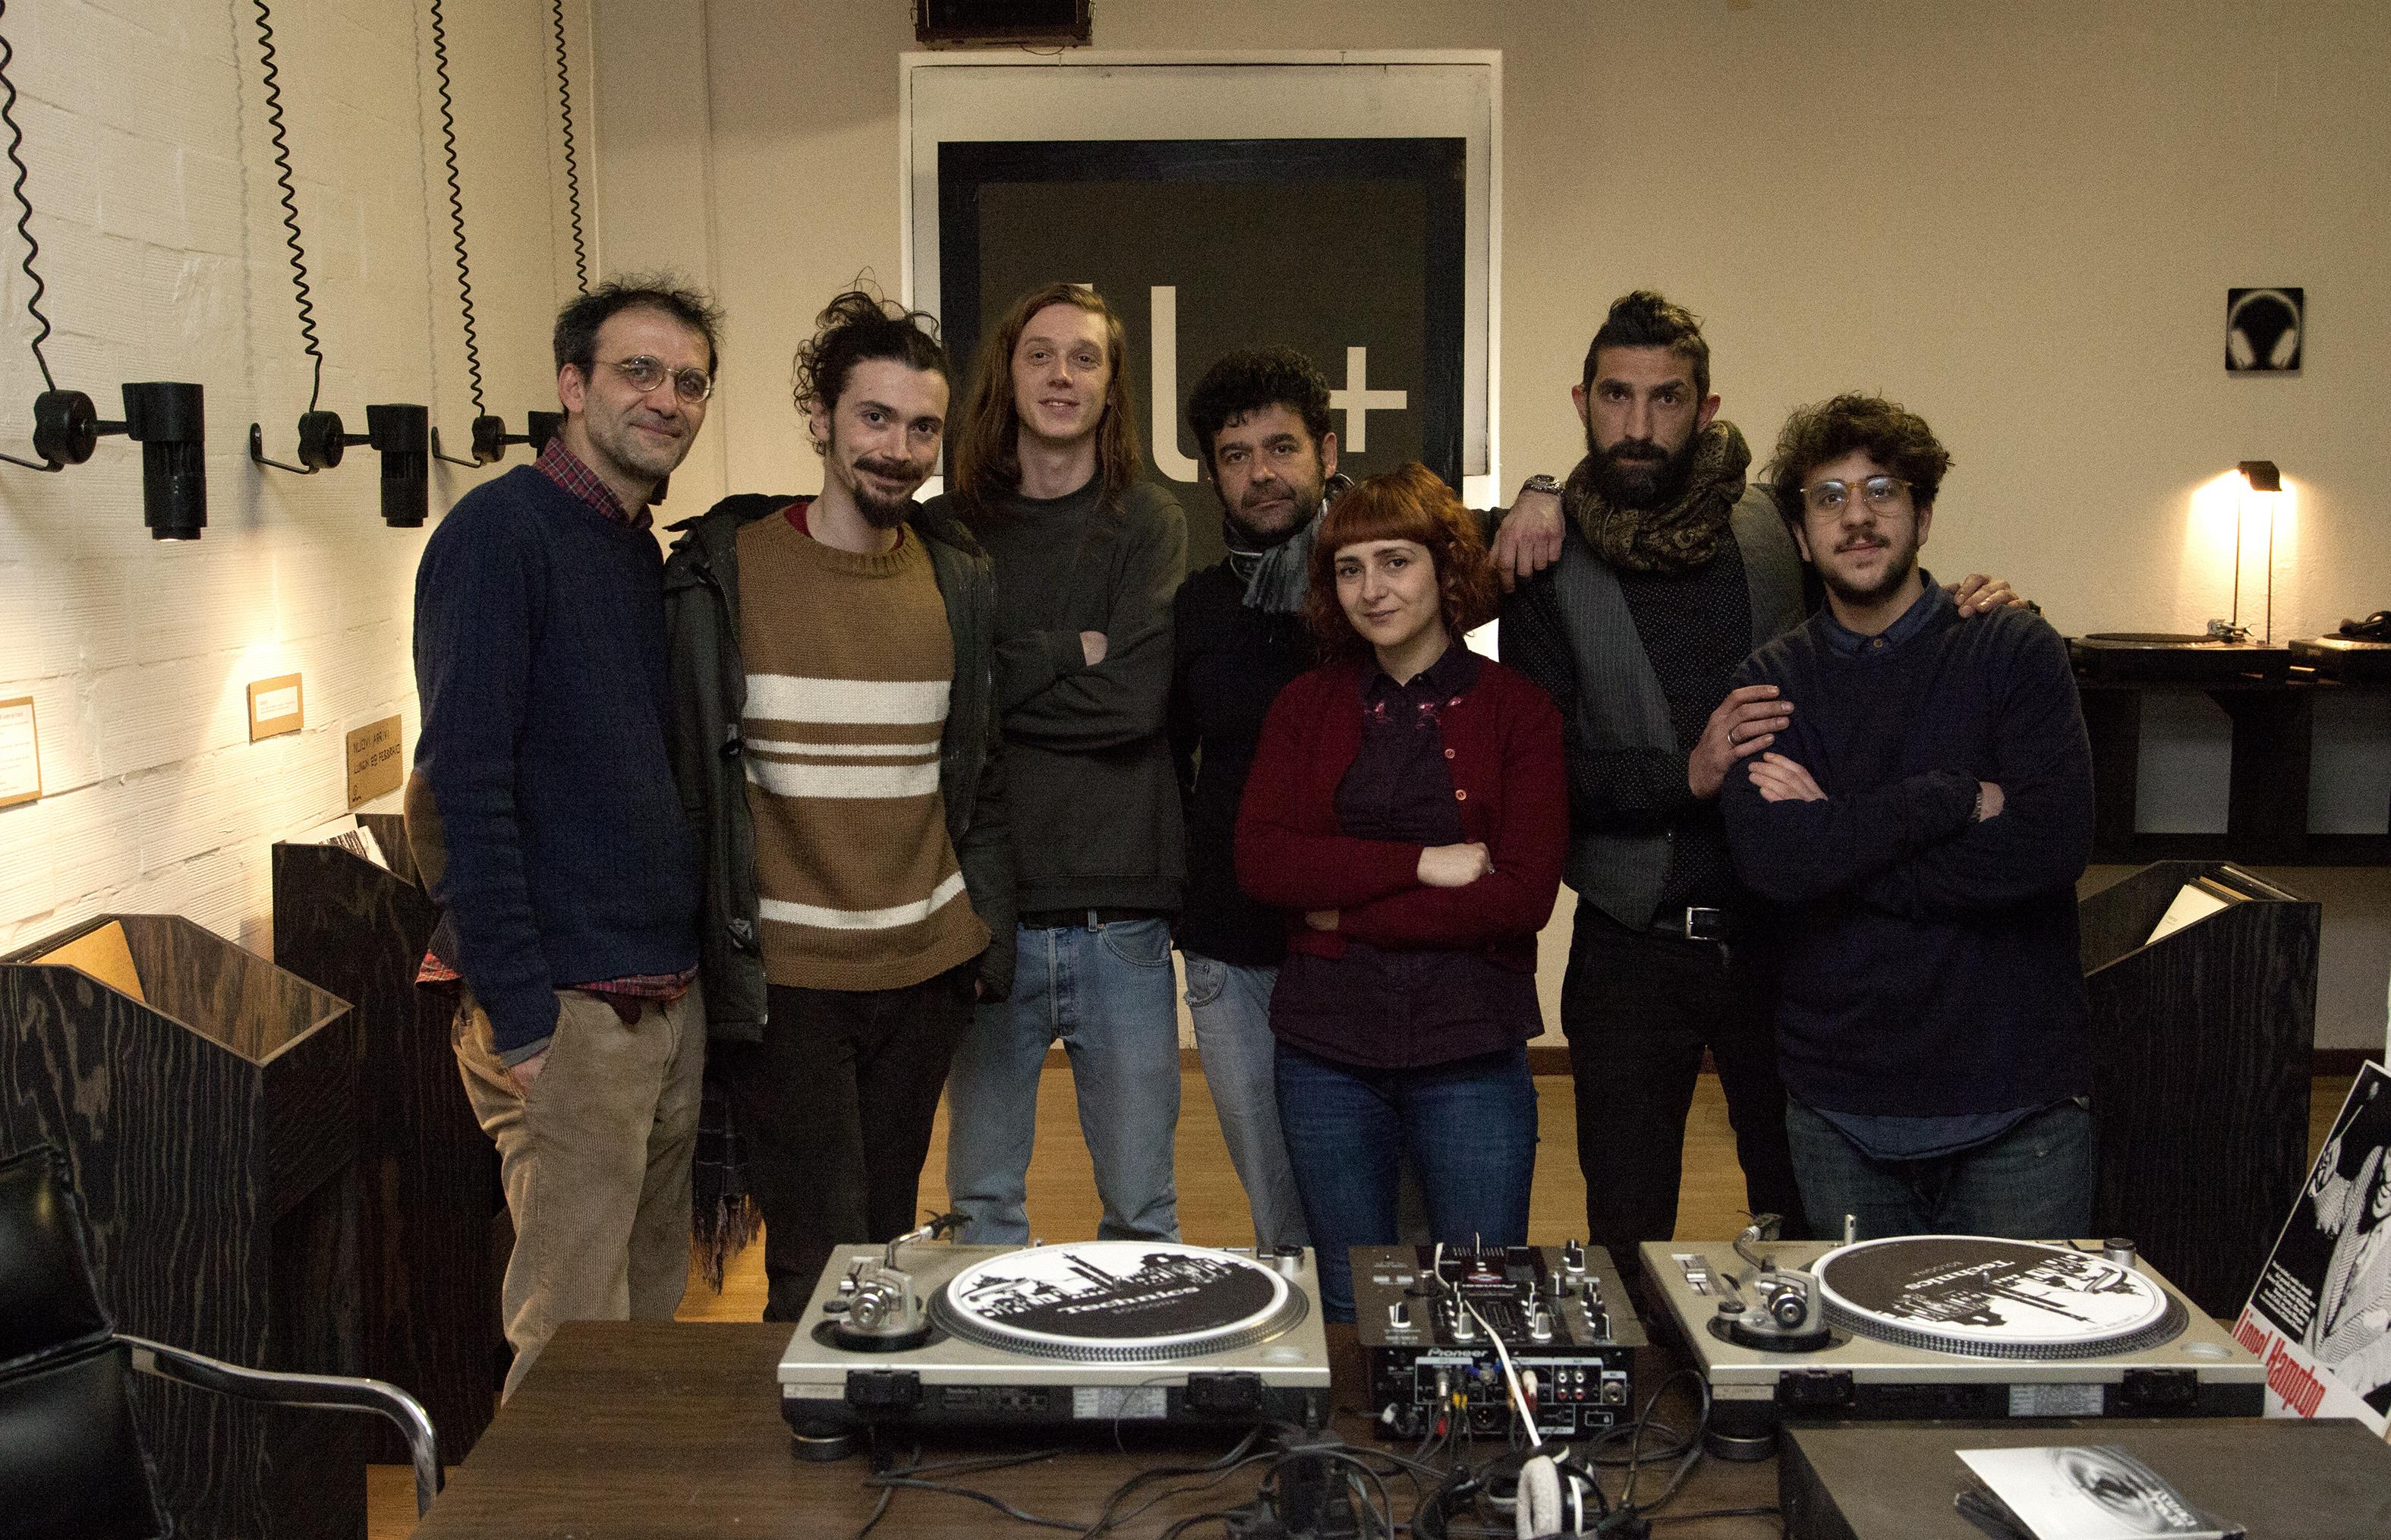 Lo staff di SoundLab. Da sinistra a destra: Giovanni Maraschini, Alberto Irrera, Gianluca Ridolfi, Edoardo Podo, Daniela Guccini, Davide Crucitti, Edoardo Cutrino.